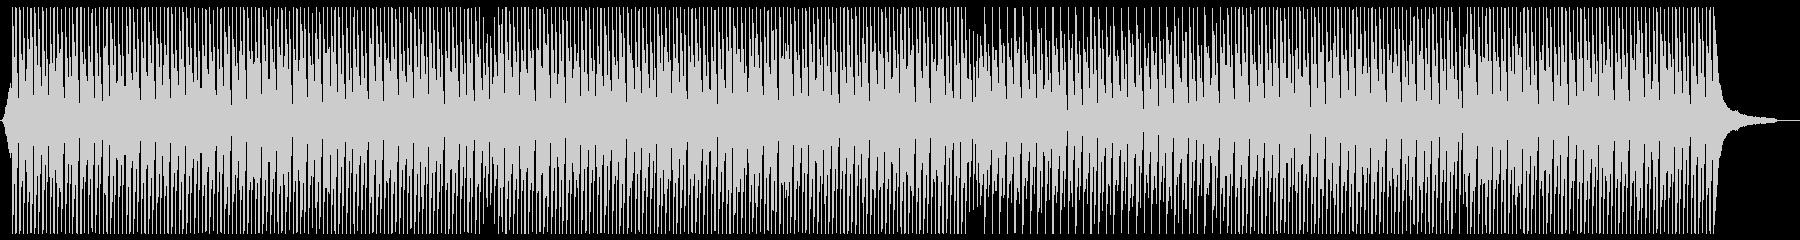 【メロ抜き】ノリが良く可愛い口笛アコースの未再生の波形